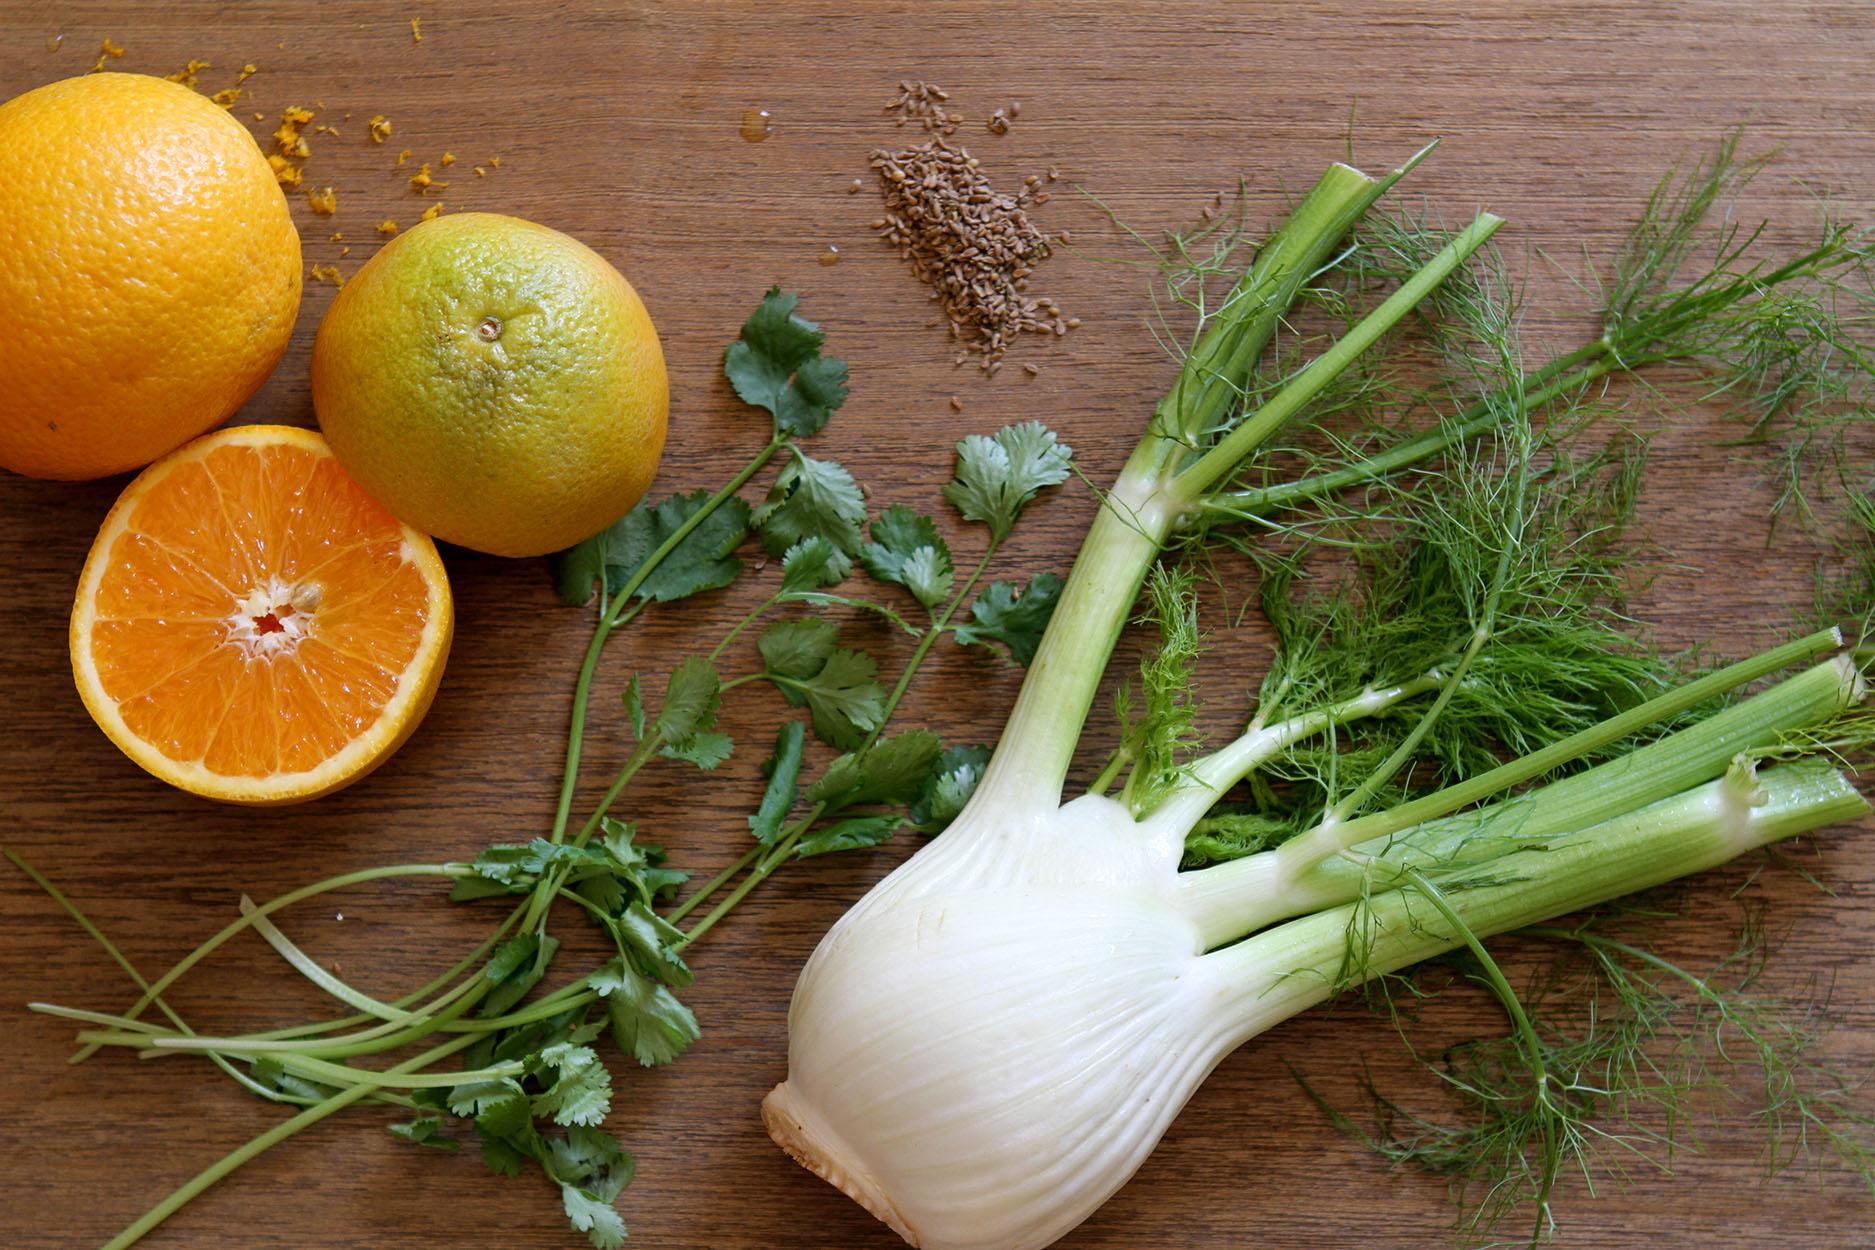 Oranges, parsley, fresh fennel and fennel seeds on a wood cutting board